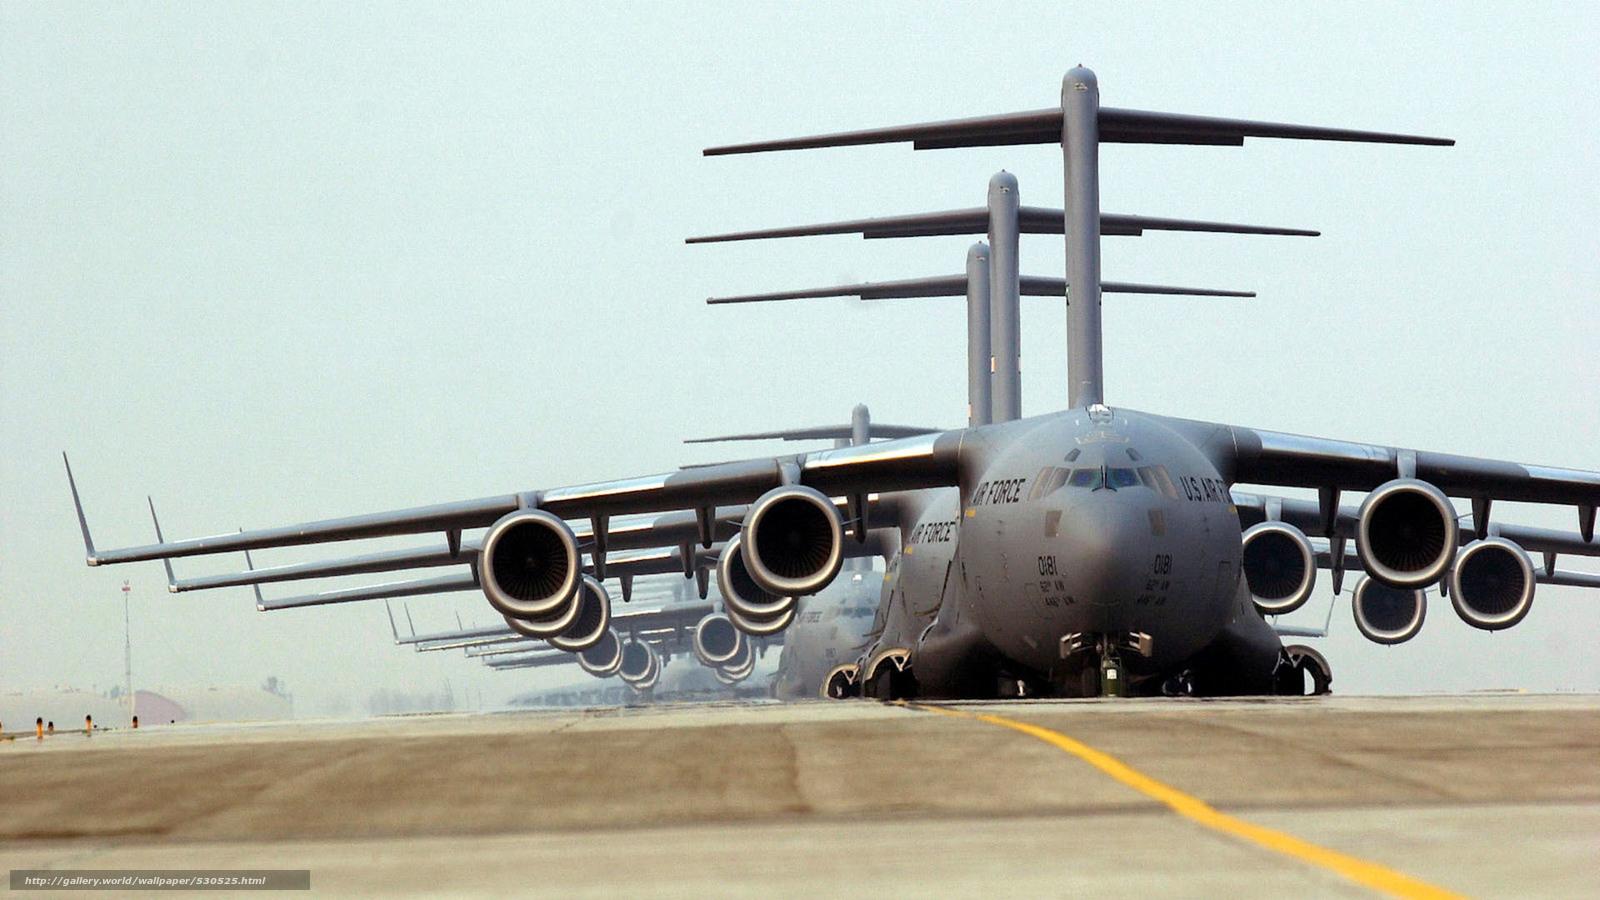 Скачать обои грузовики,  аэродром,  американский стратегический военно-транспортный самолёт бесплатно для рабочего стола в разрешении 1920x1080 — картинка №530525